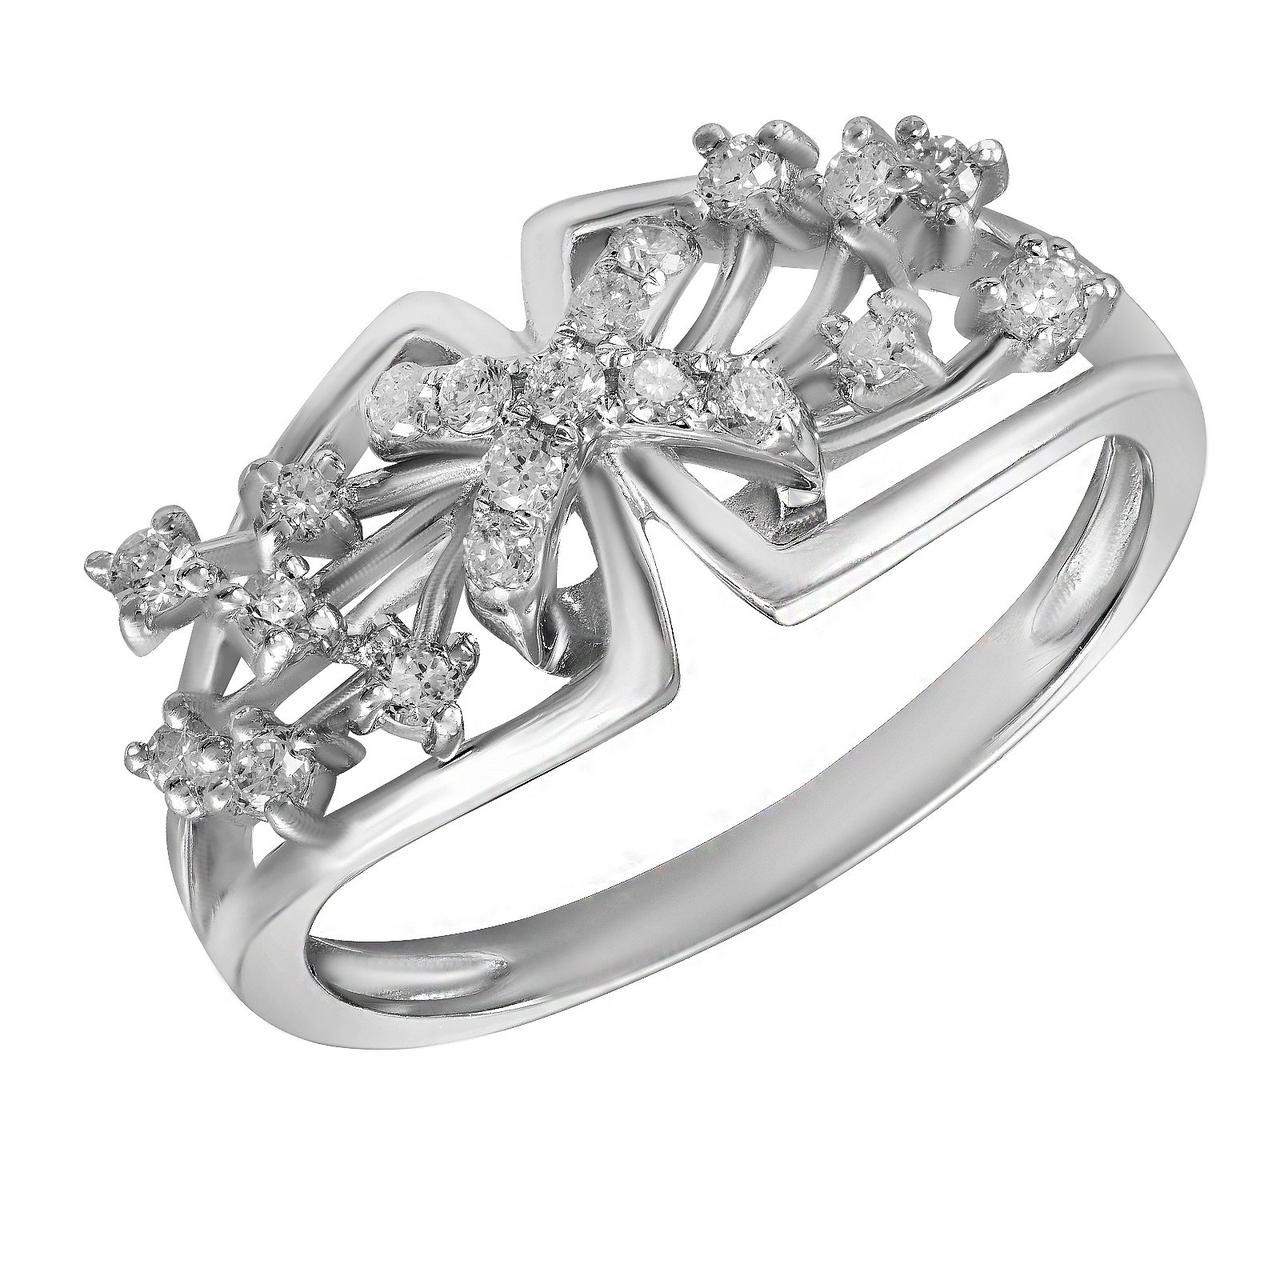 Золотое кольцо с бриллиантами, размер 16 (582851)